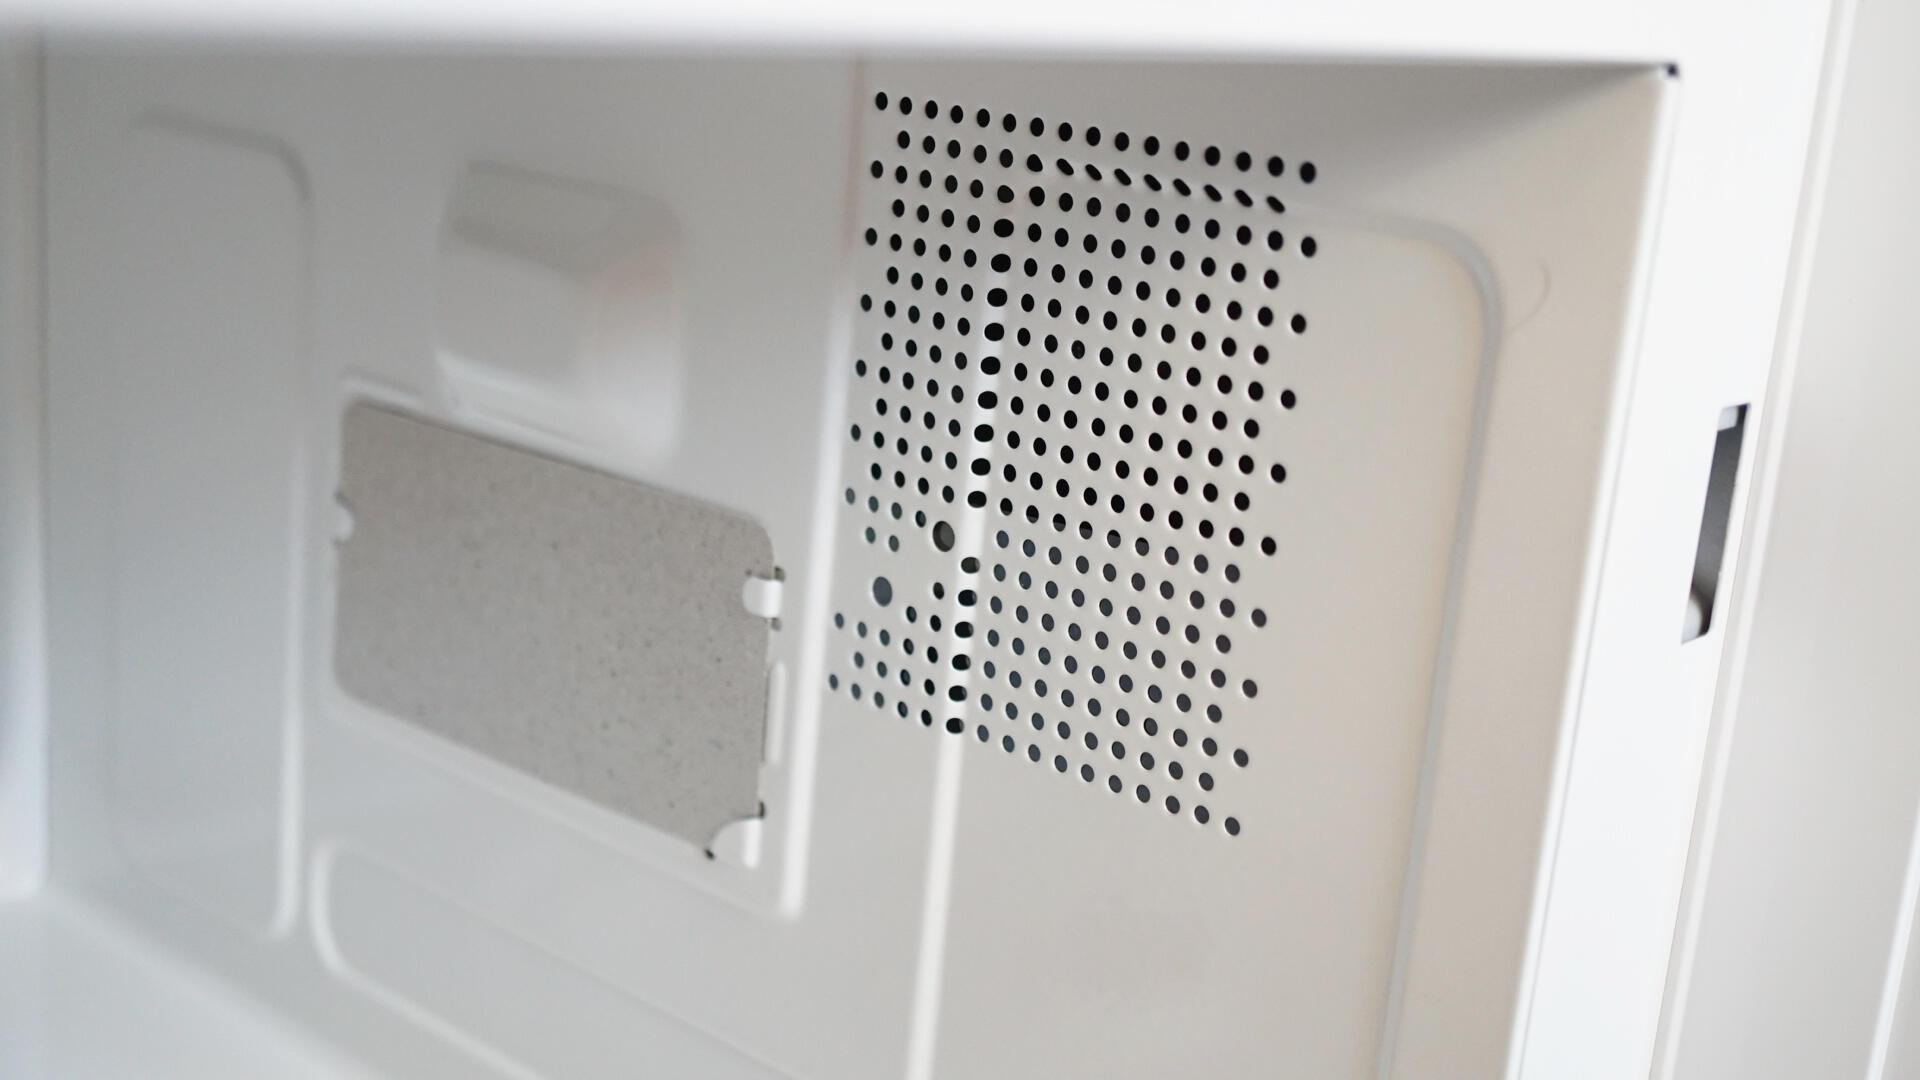 Bytovaya Tehnika - Obzor mikrovolnovoy pechi Hotpoint-ARISTON MWHA 253 W